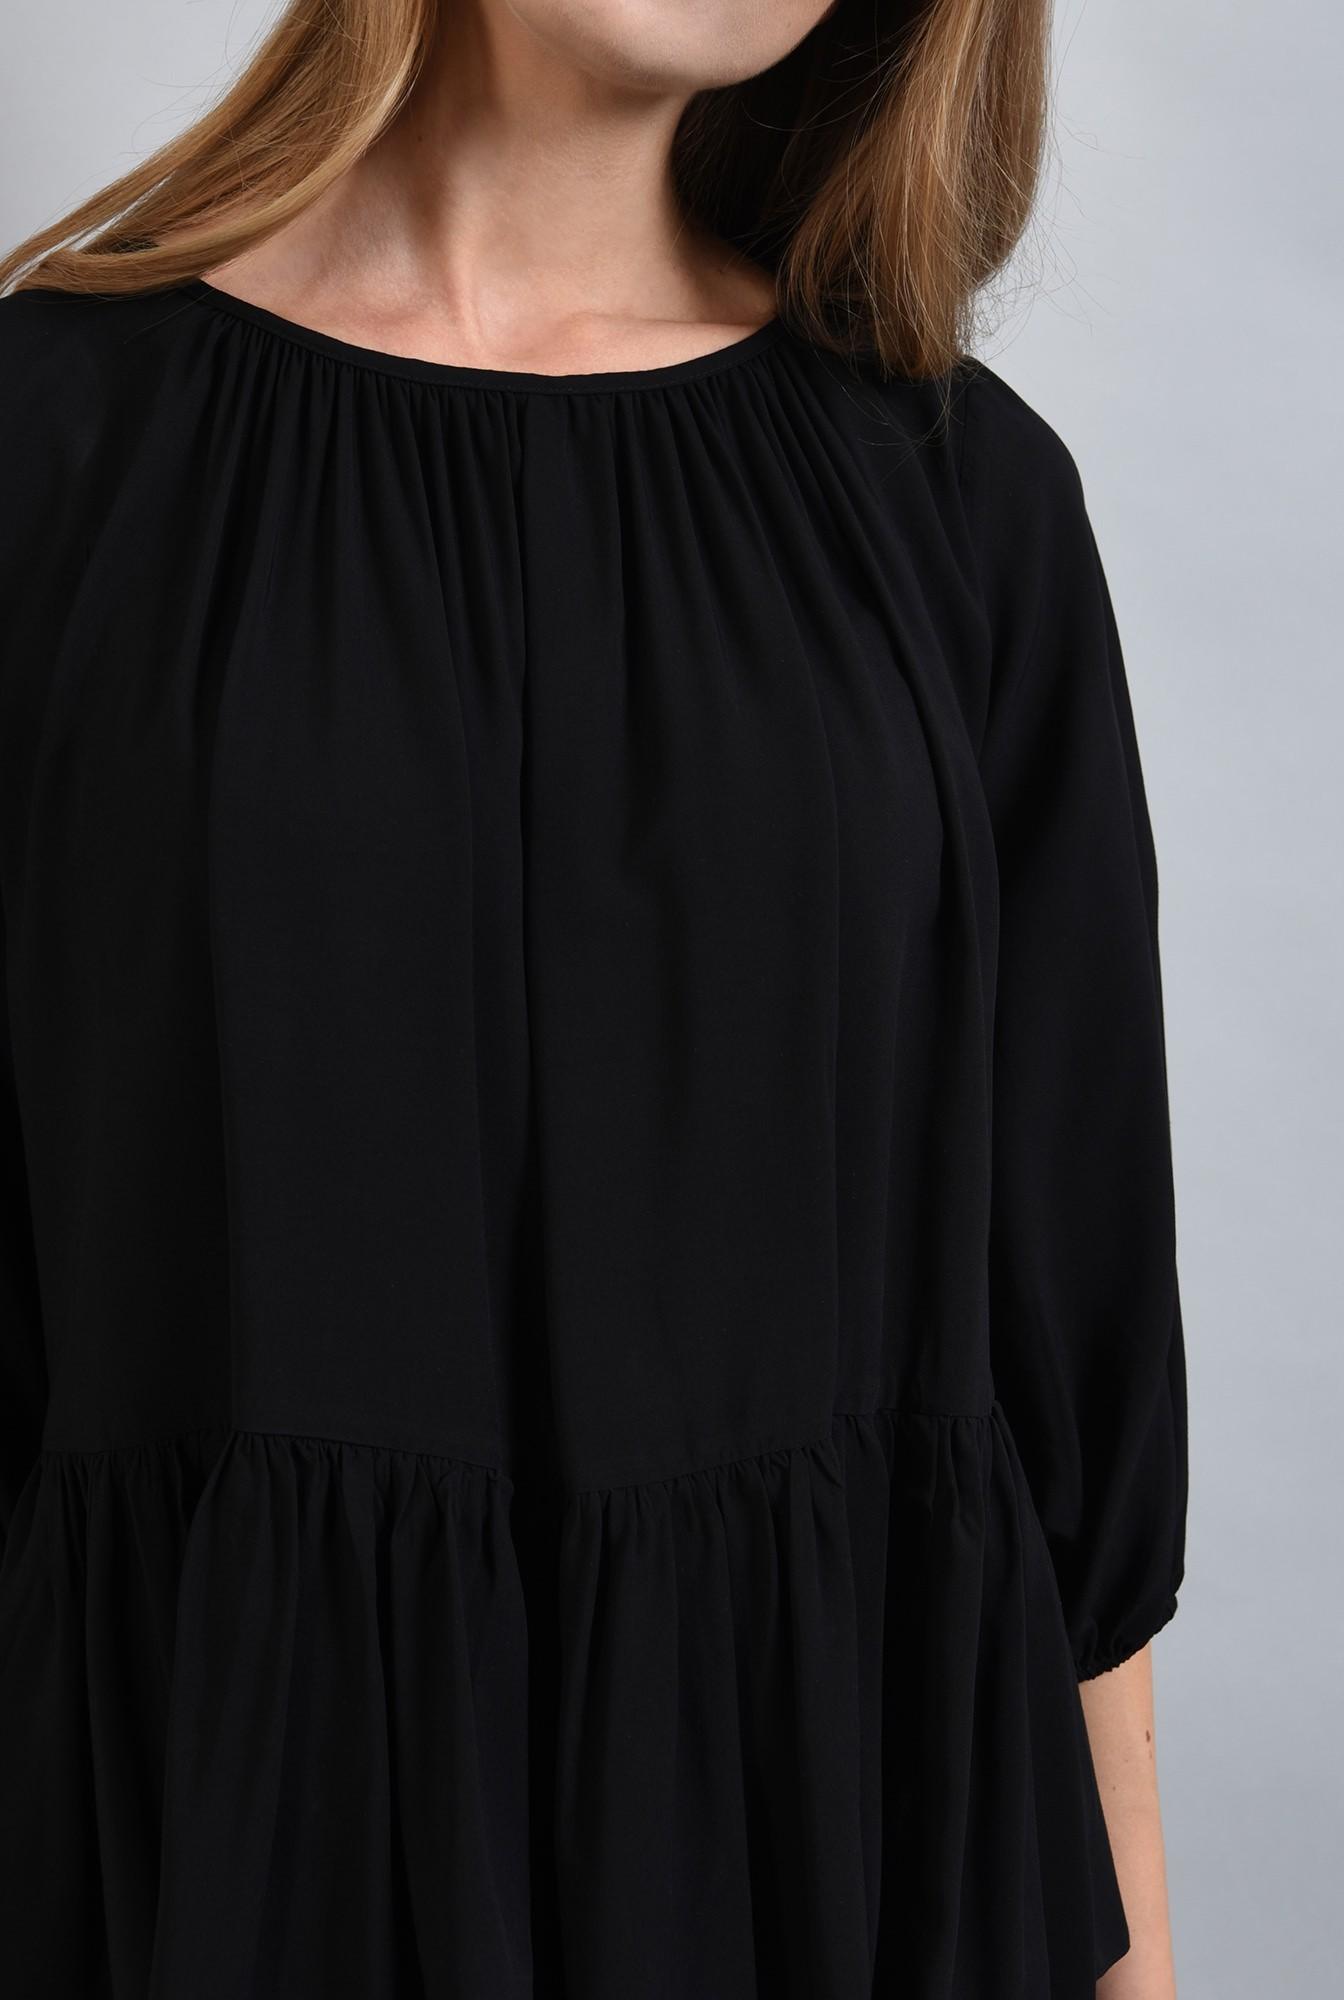 2 - 360 - bluza neagra cu peplum, maneca bufanta, Poema